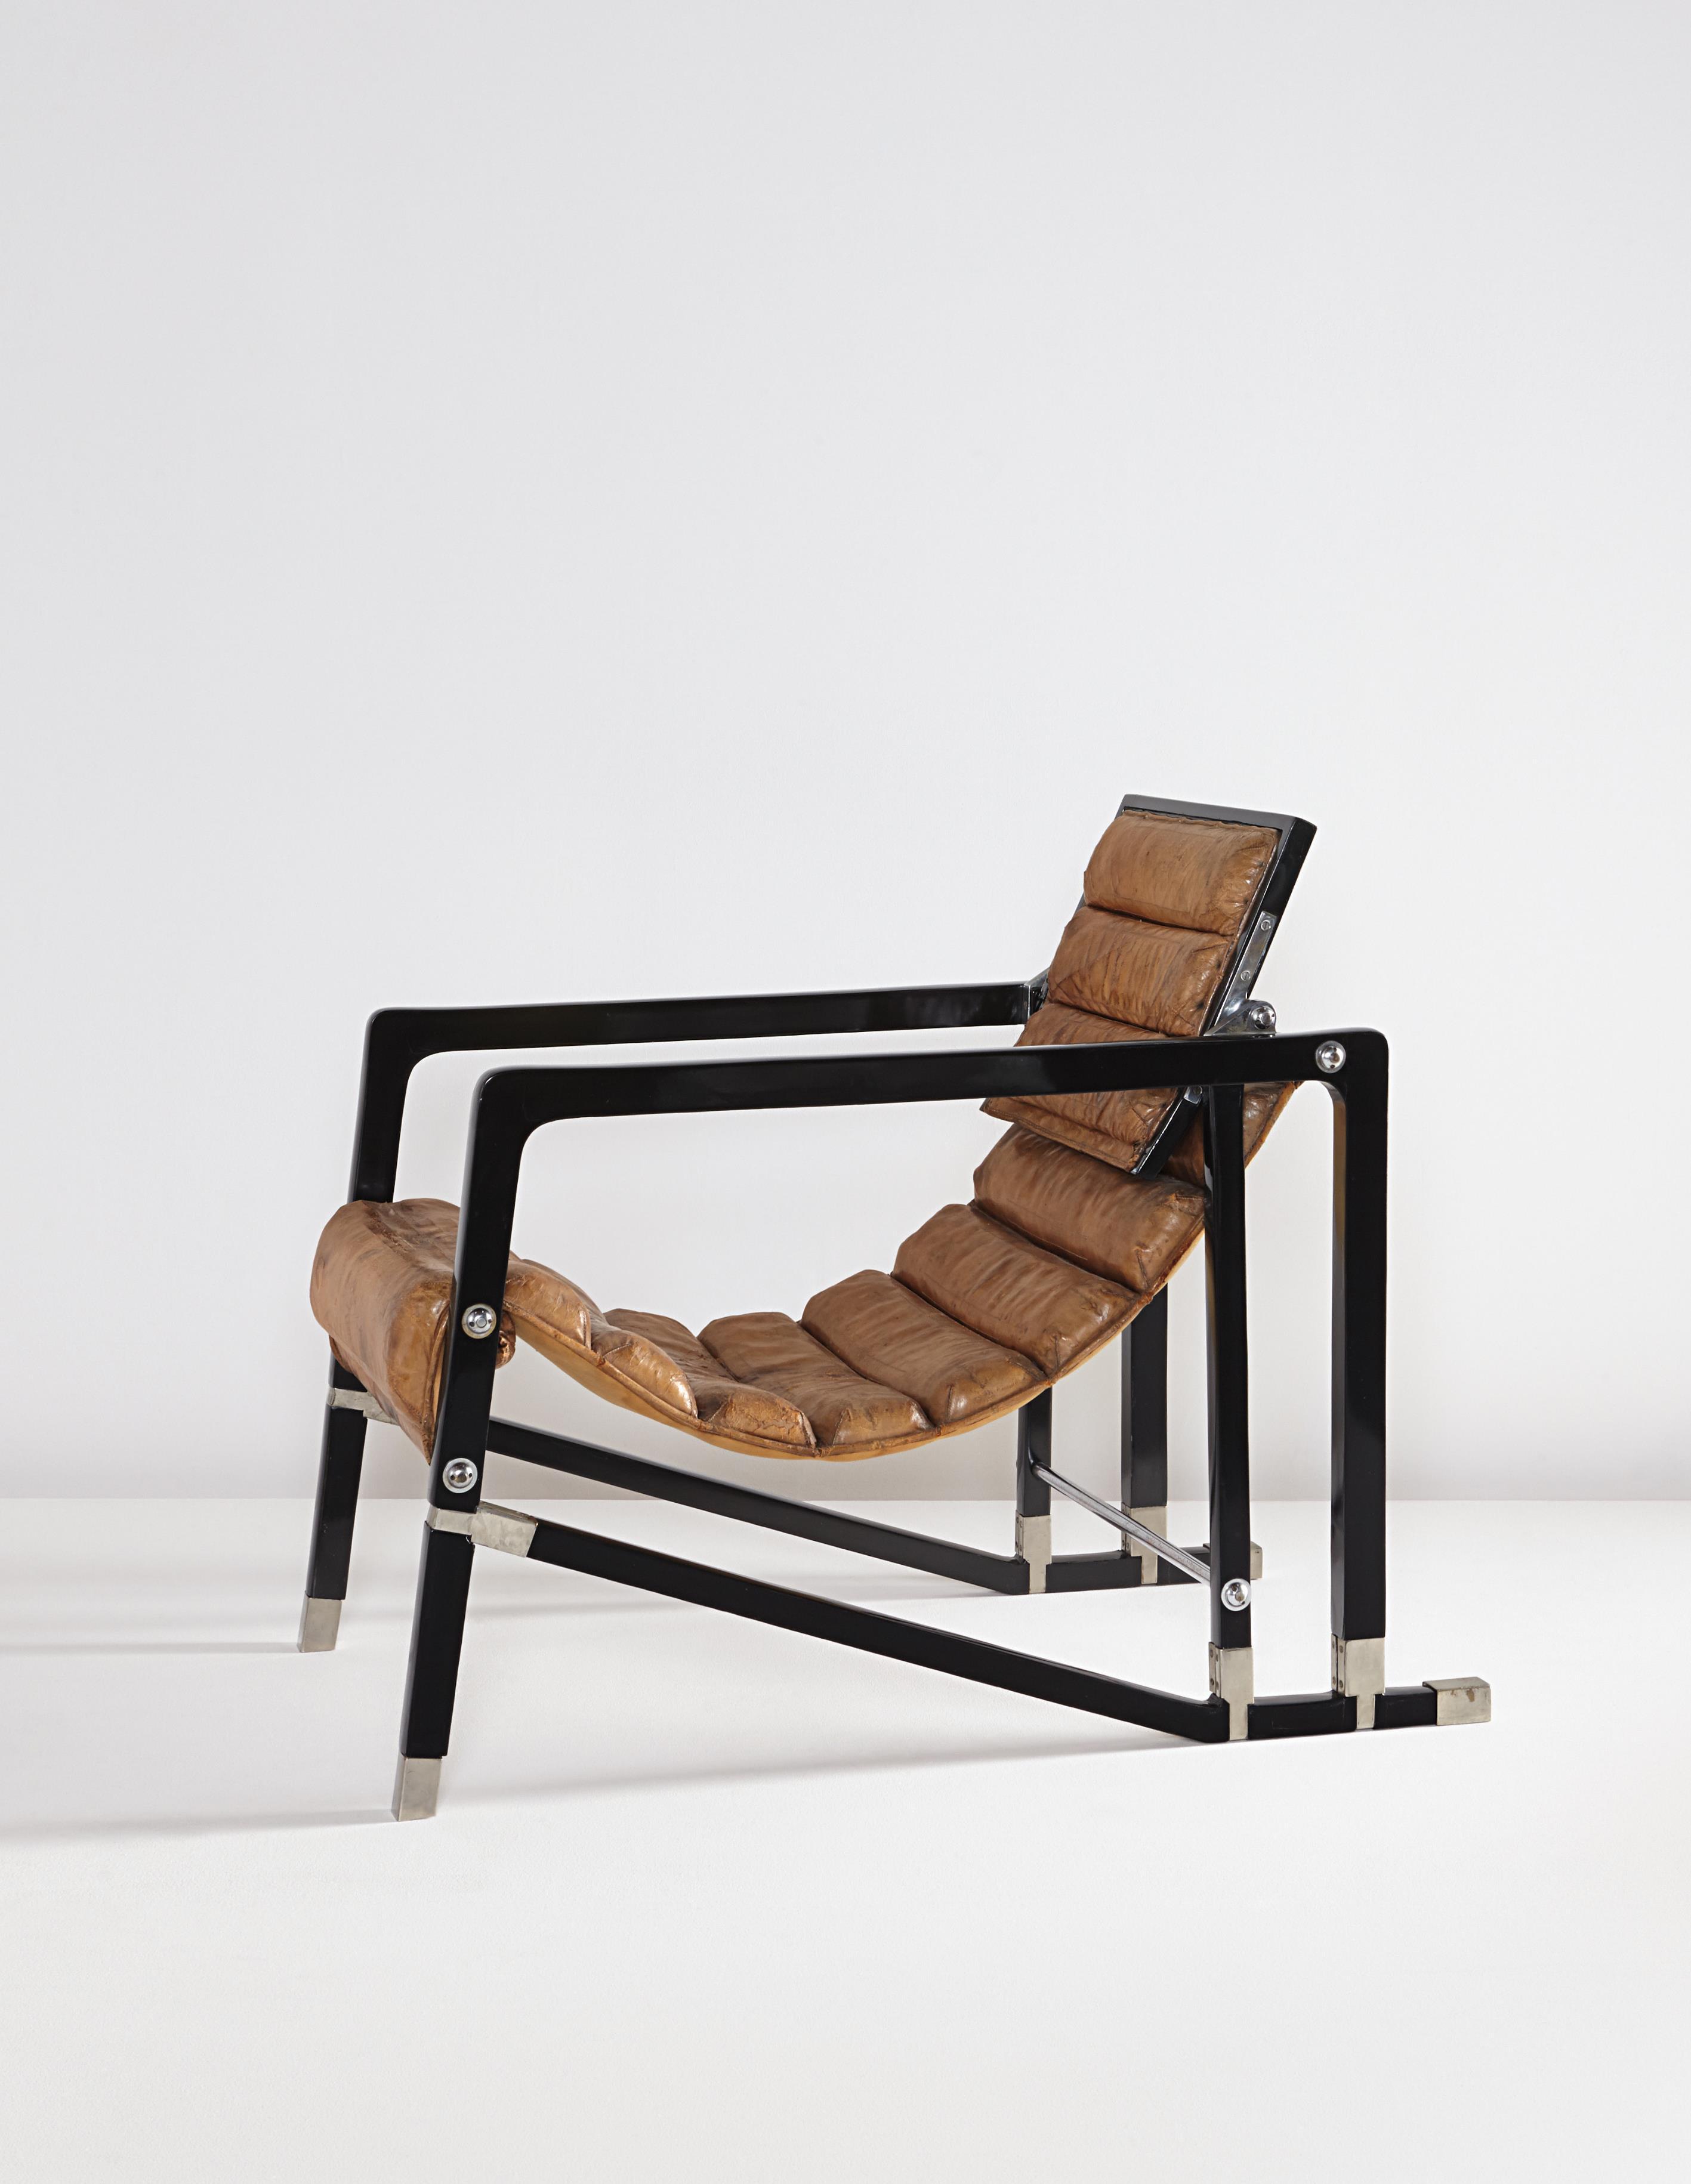 Cadeira Transat, desenhada por Eileen Gray, que pertencia ao Marajá de Indore, leiloada pela Phillips por mais de 1 milhão de euros.